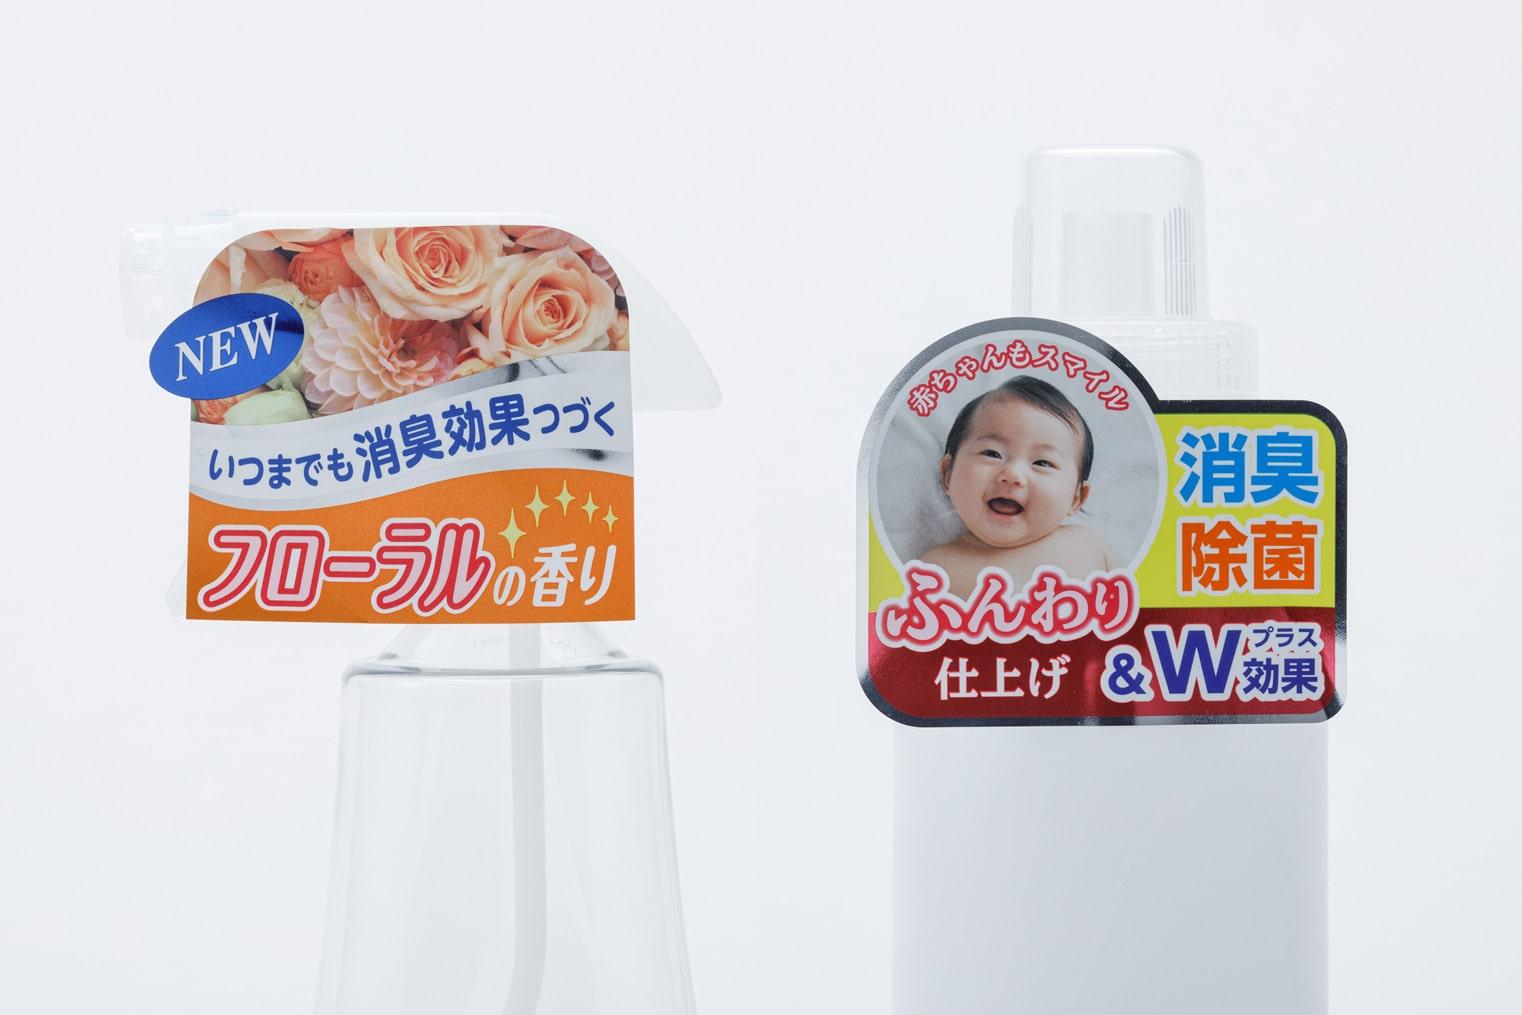 洗剤などで使用する写真が入ったアテンションシール(POPラベル)